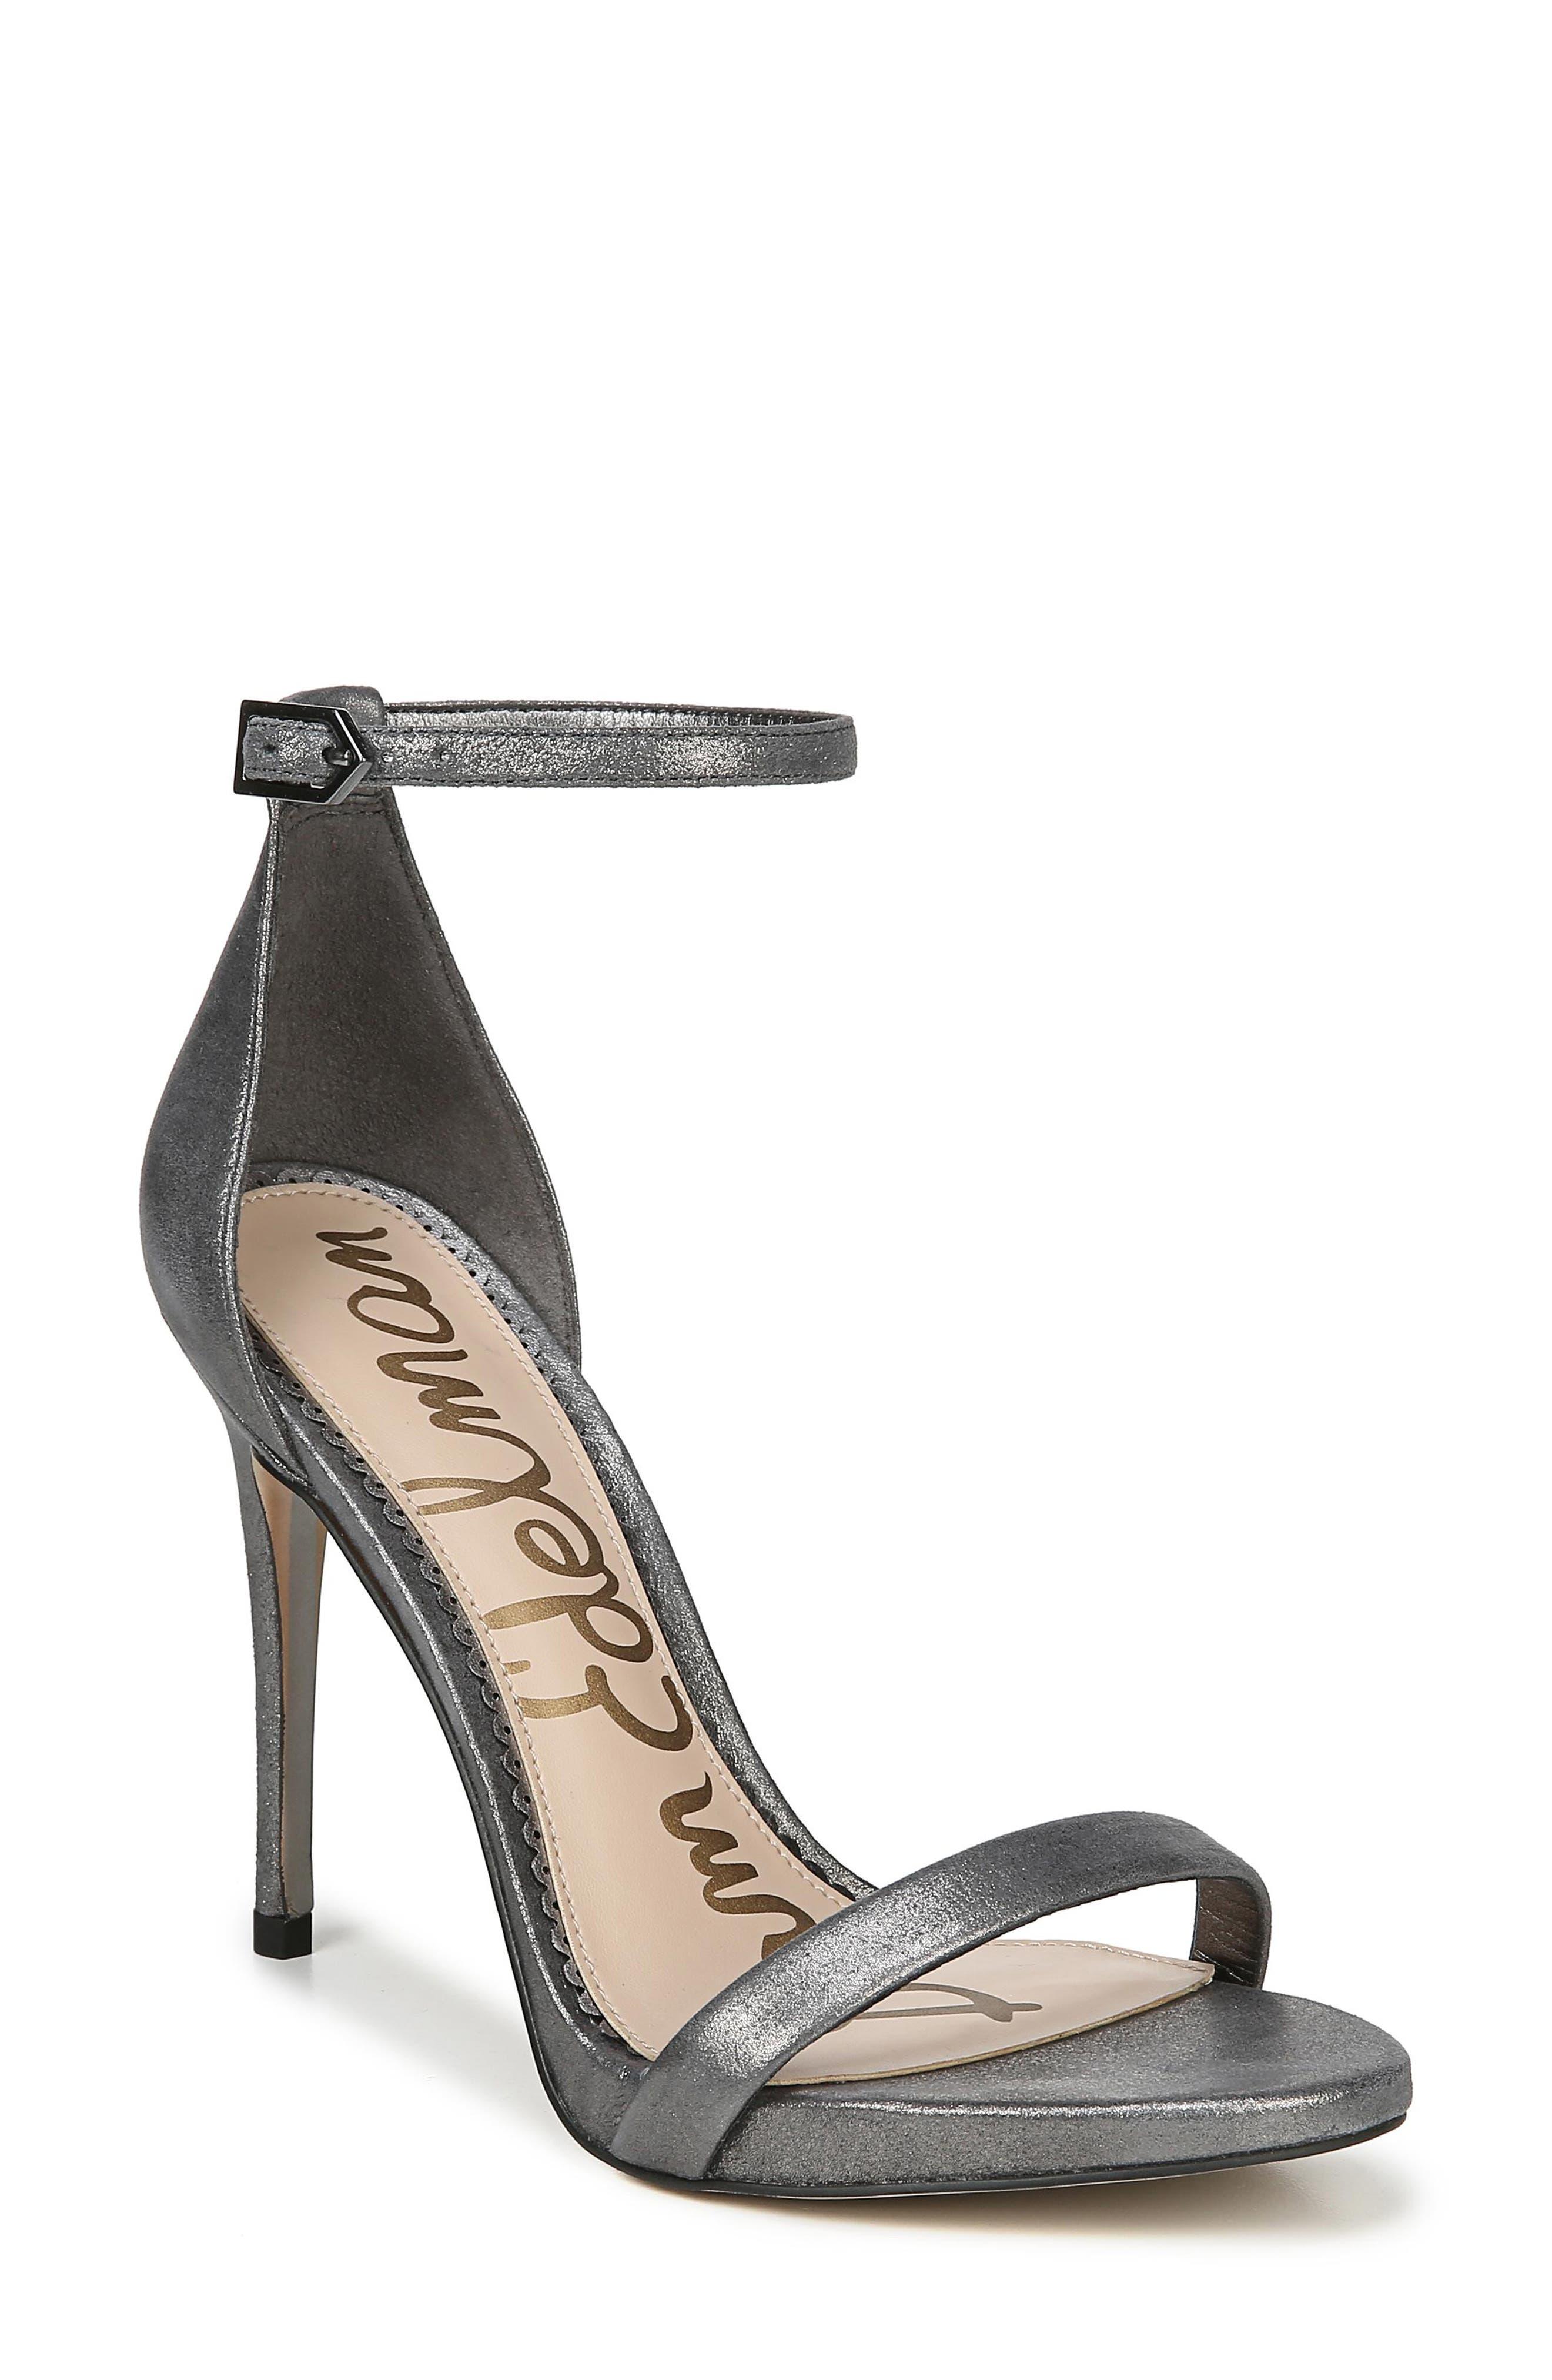 SAM EDELMAN Ariella Metallic Leather Sandals in Dark Pewter Leather